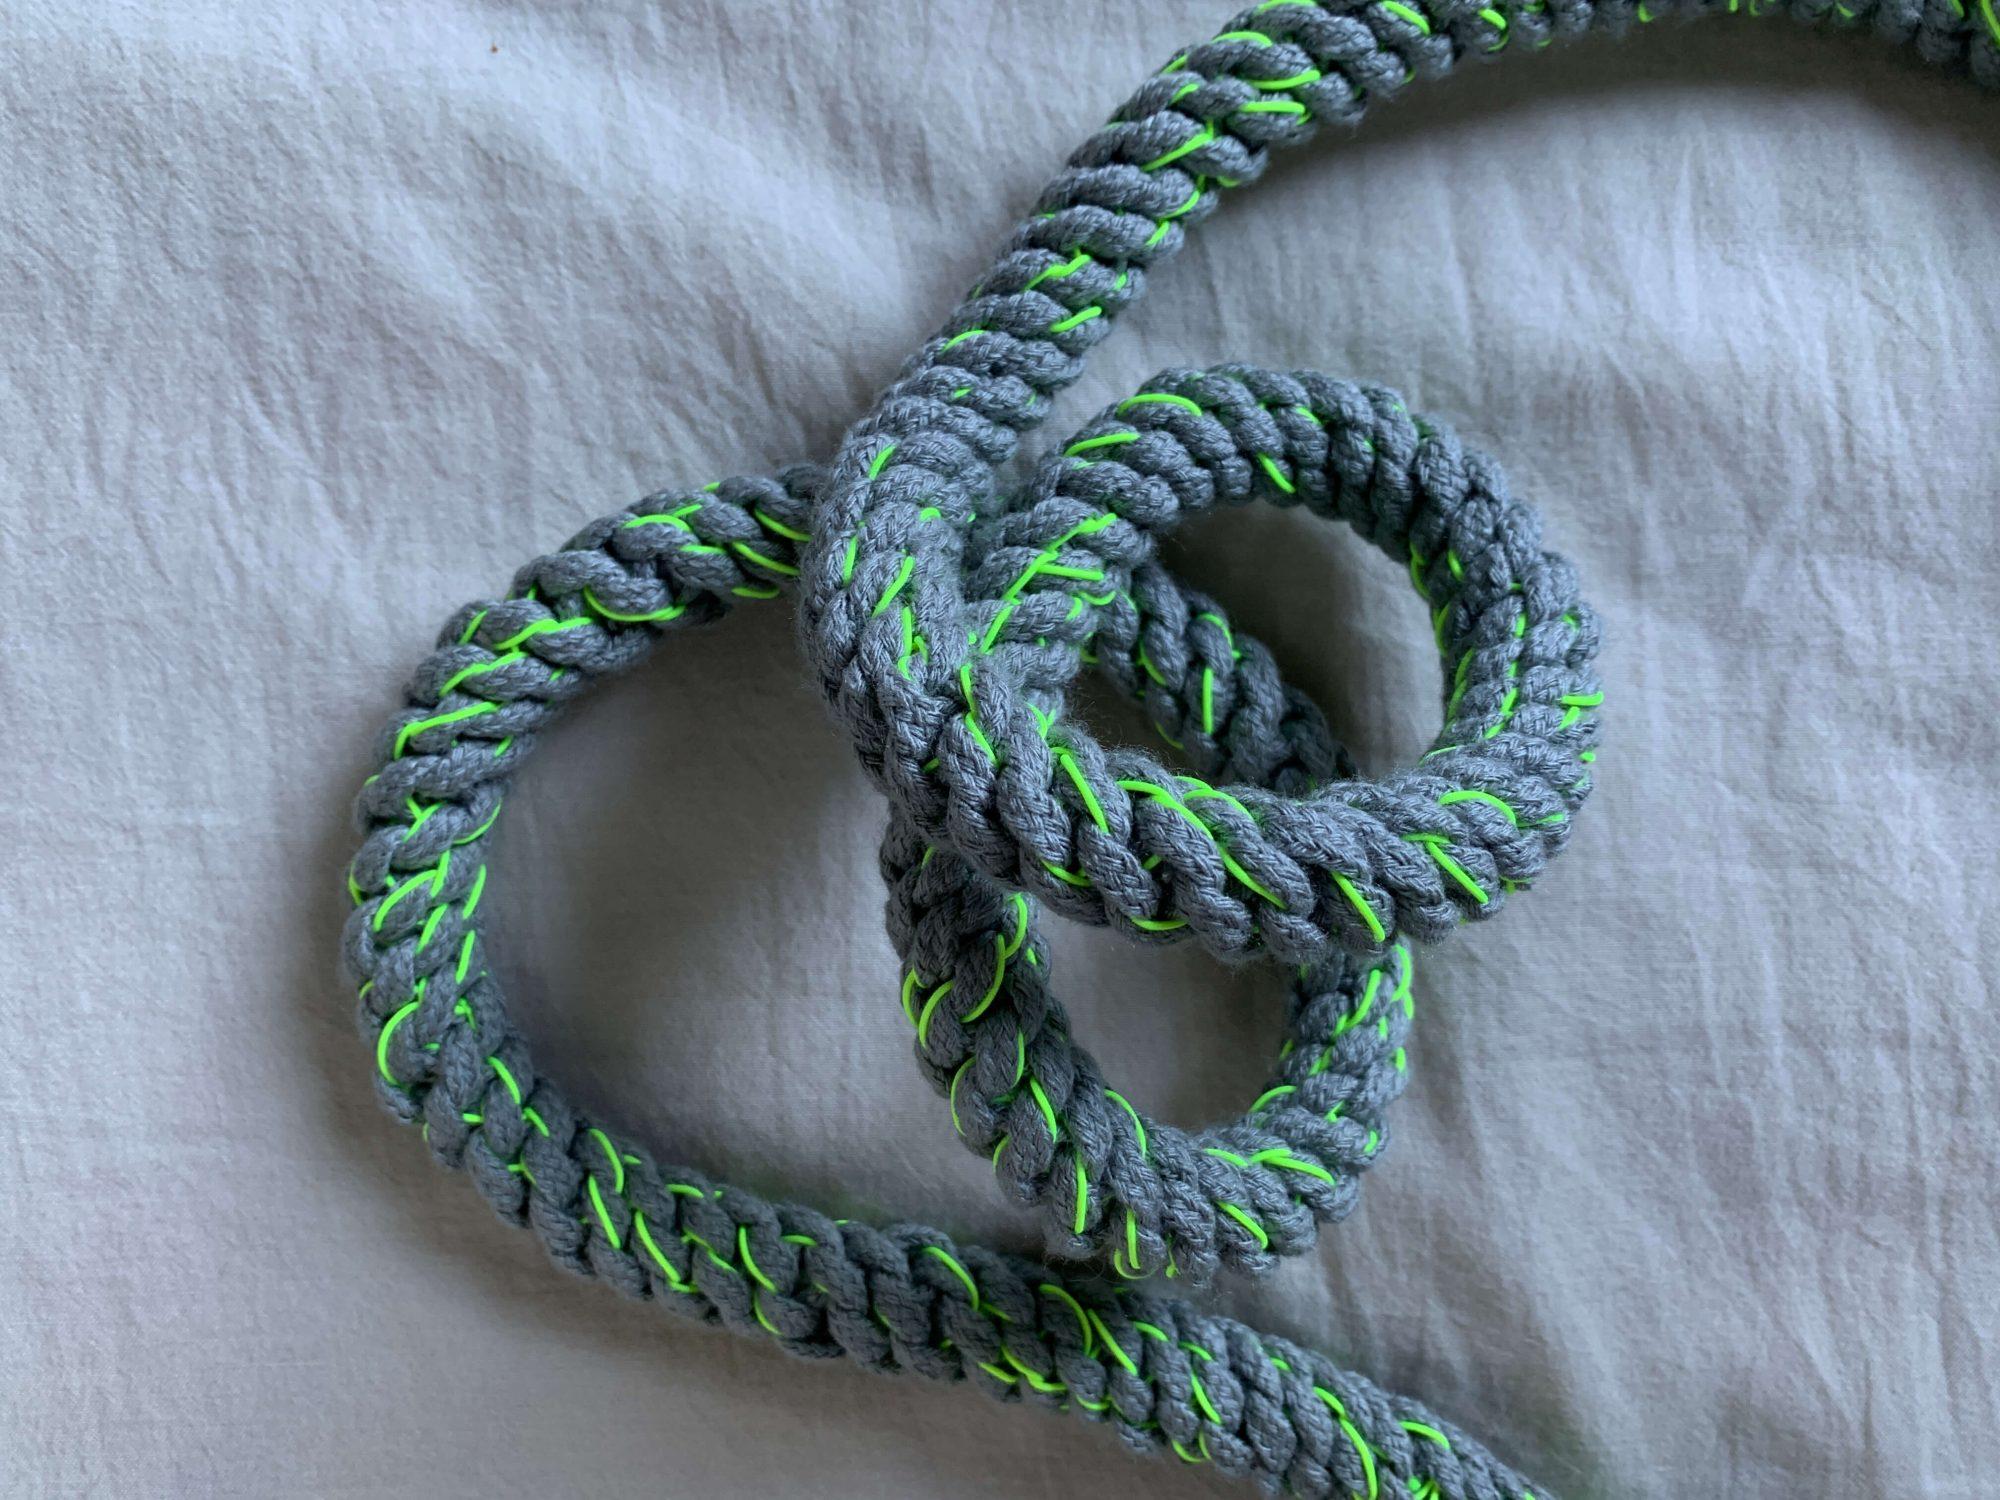 手作りならではの紐の手触り。購入したカラーはグレー×イエローです。蛍光色のイエローがアクセント!